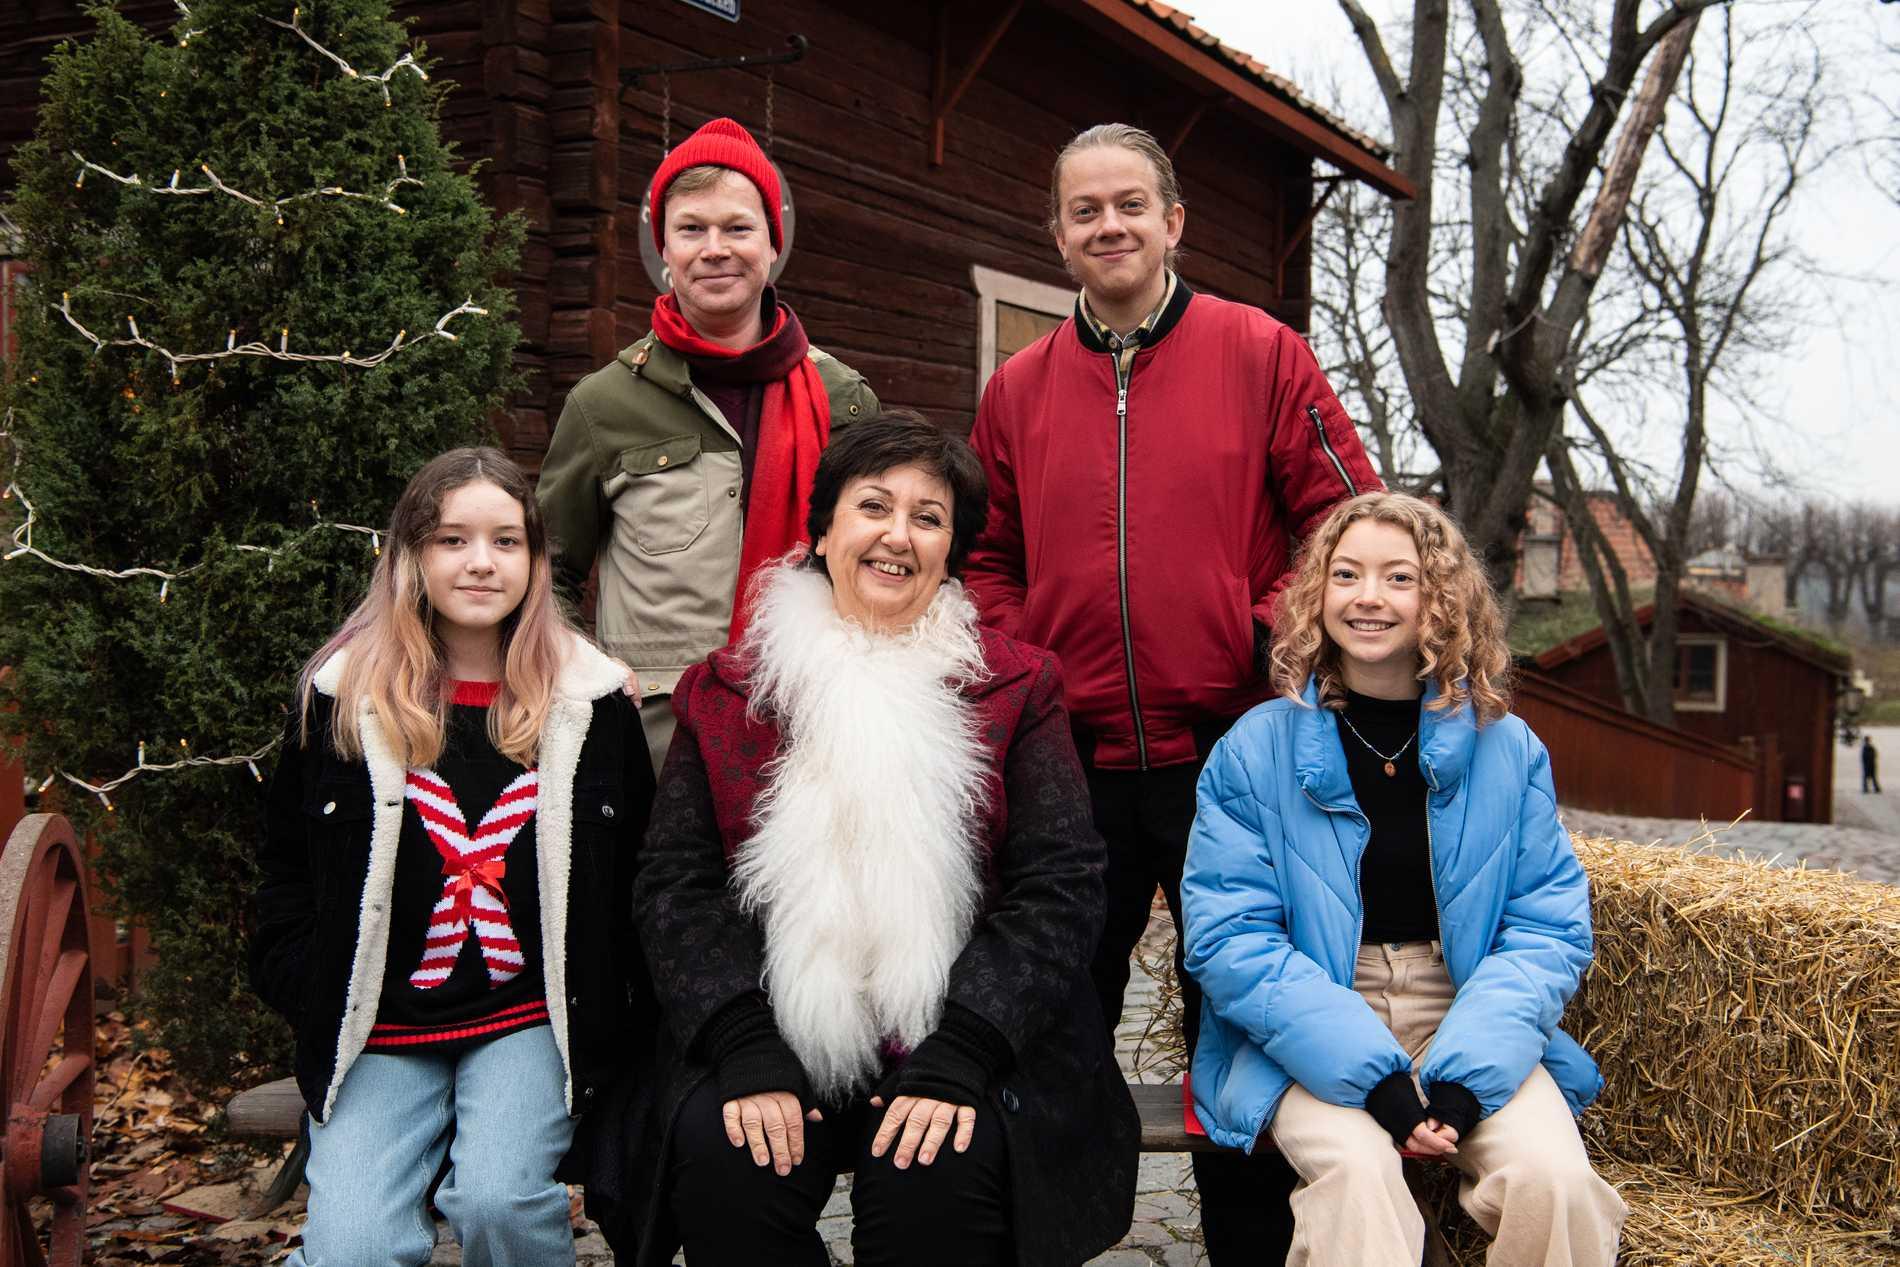 Årets julkalender i SVT är en magisk julsaga som rör sig i tid och rum mellan 1920 och 2020. I rollerna ser vi bland annat Sarah Rhodin (Mira), Johan Glans (Vilgot), Babben Larsson (Agneta), Joel Adolphson (Ernst) och Bibi Lenhoff (Rakel).